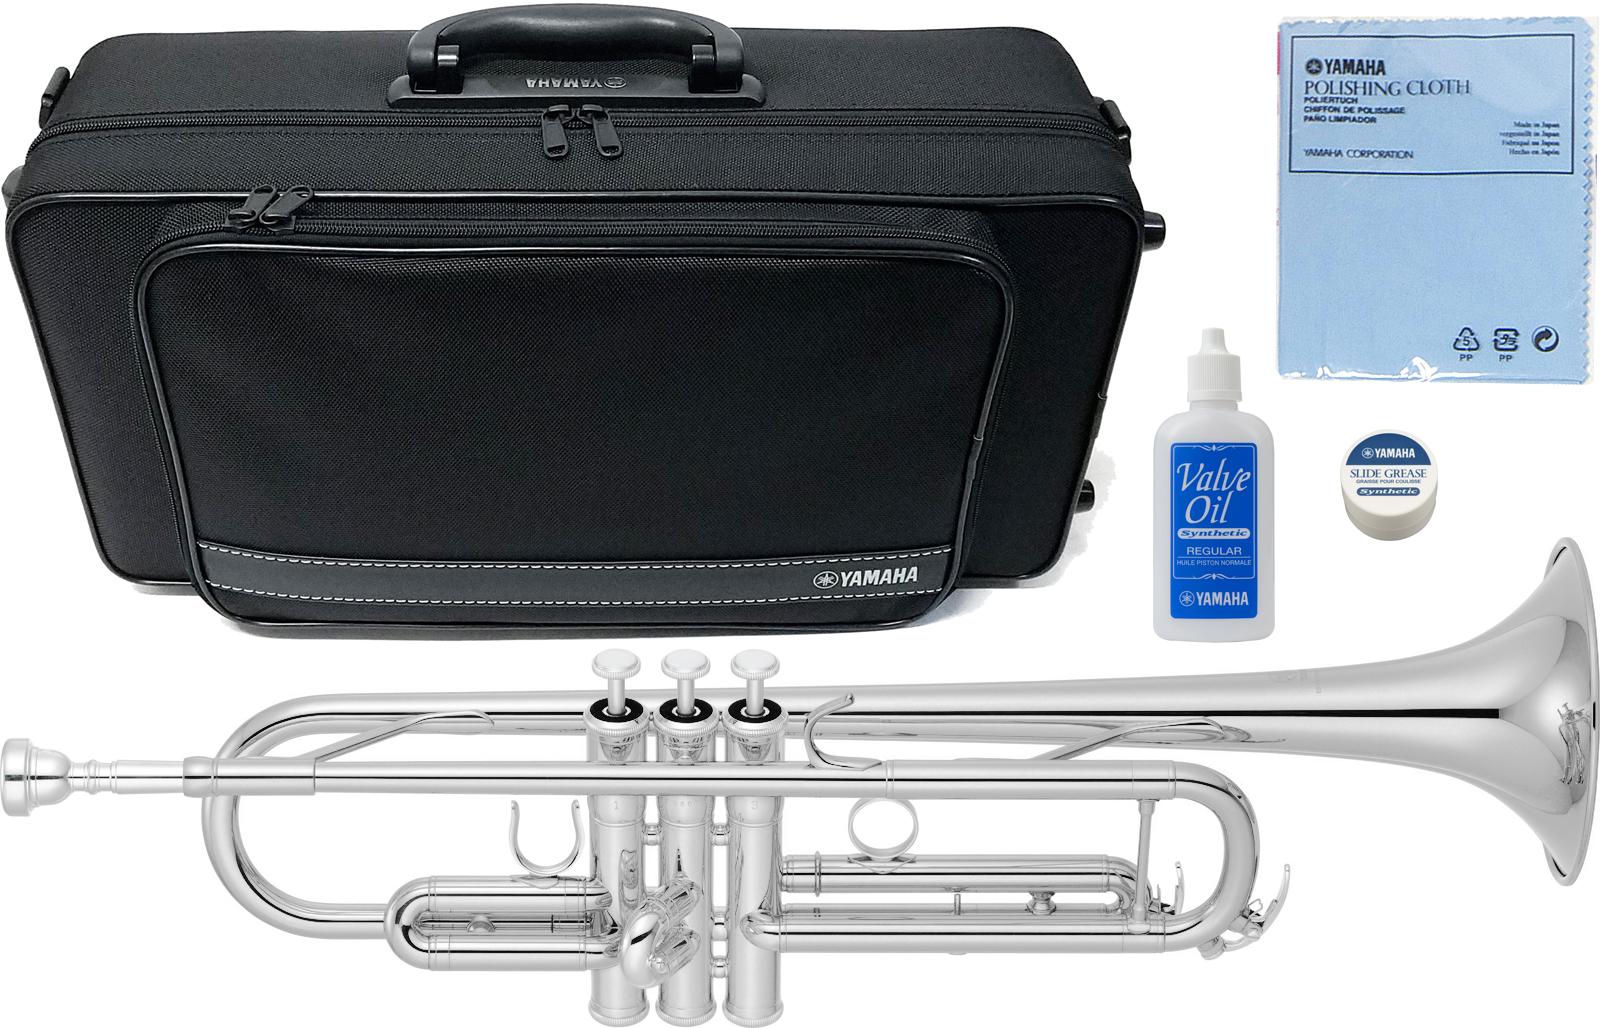 この価格在庫限り YAMAHA ( ヤマハ ) YTR-4335GS2 銀メッキ トランペット 新品 ゴールドブラスベル B♭ 管楽器 初心者 本体 YTR-4335GSII trumpet YTR-4335GS-2-01 送料無料